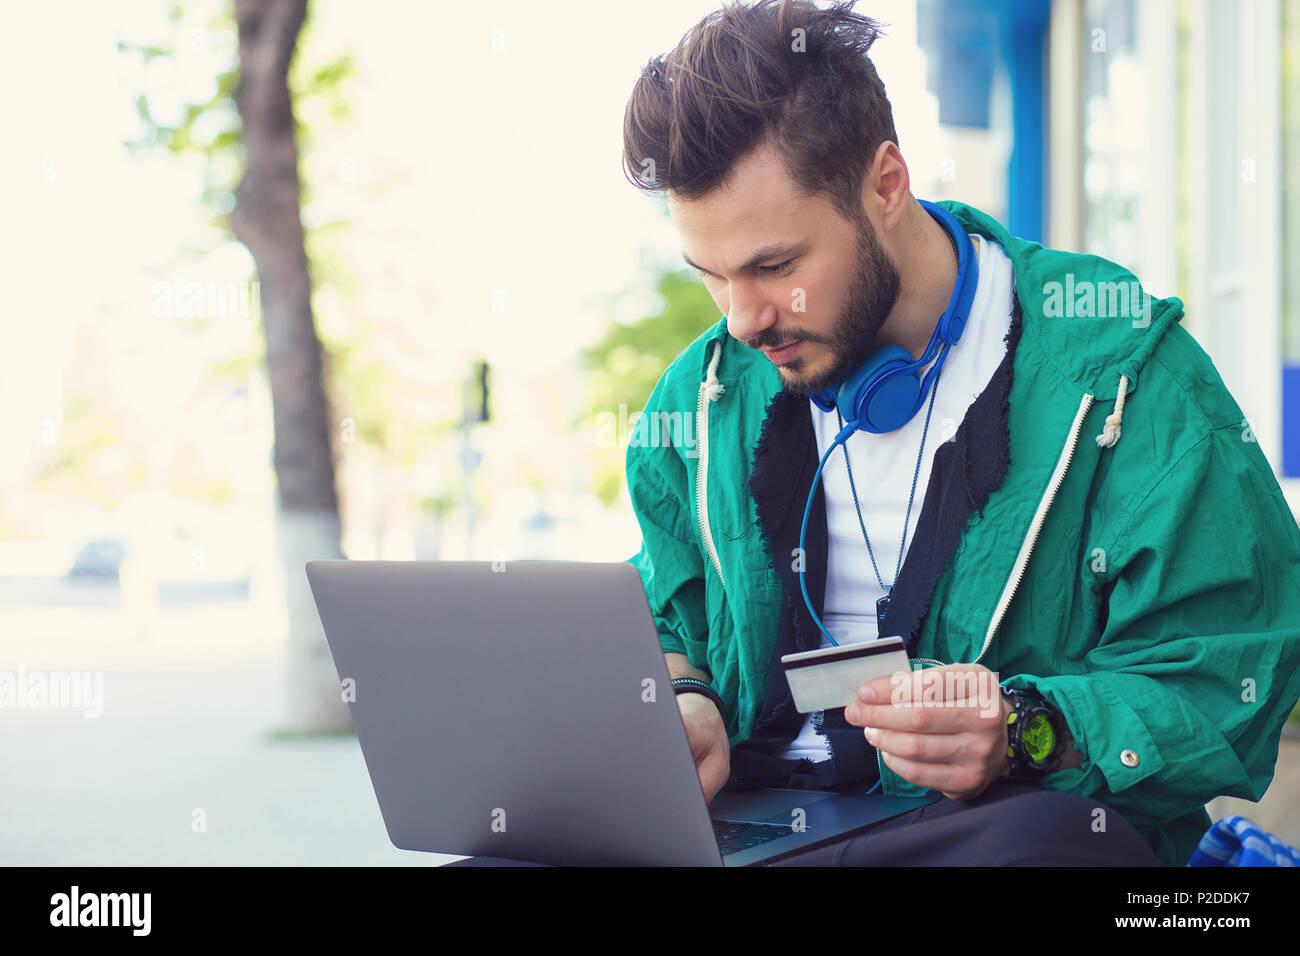 Hipster élégant homme assis sur rue avec un ordinateur portable sur les genoux et de faire l'achat en ligne par carte de crédit Photo Stock